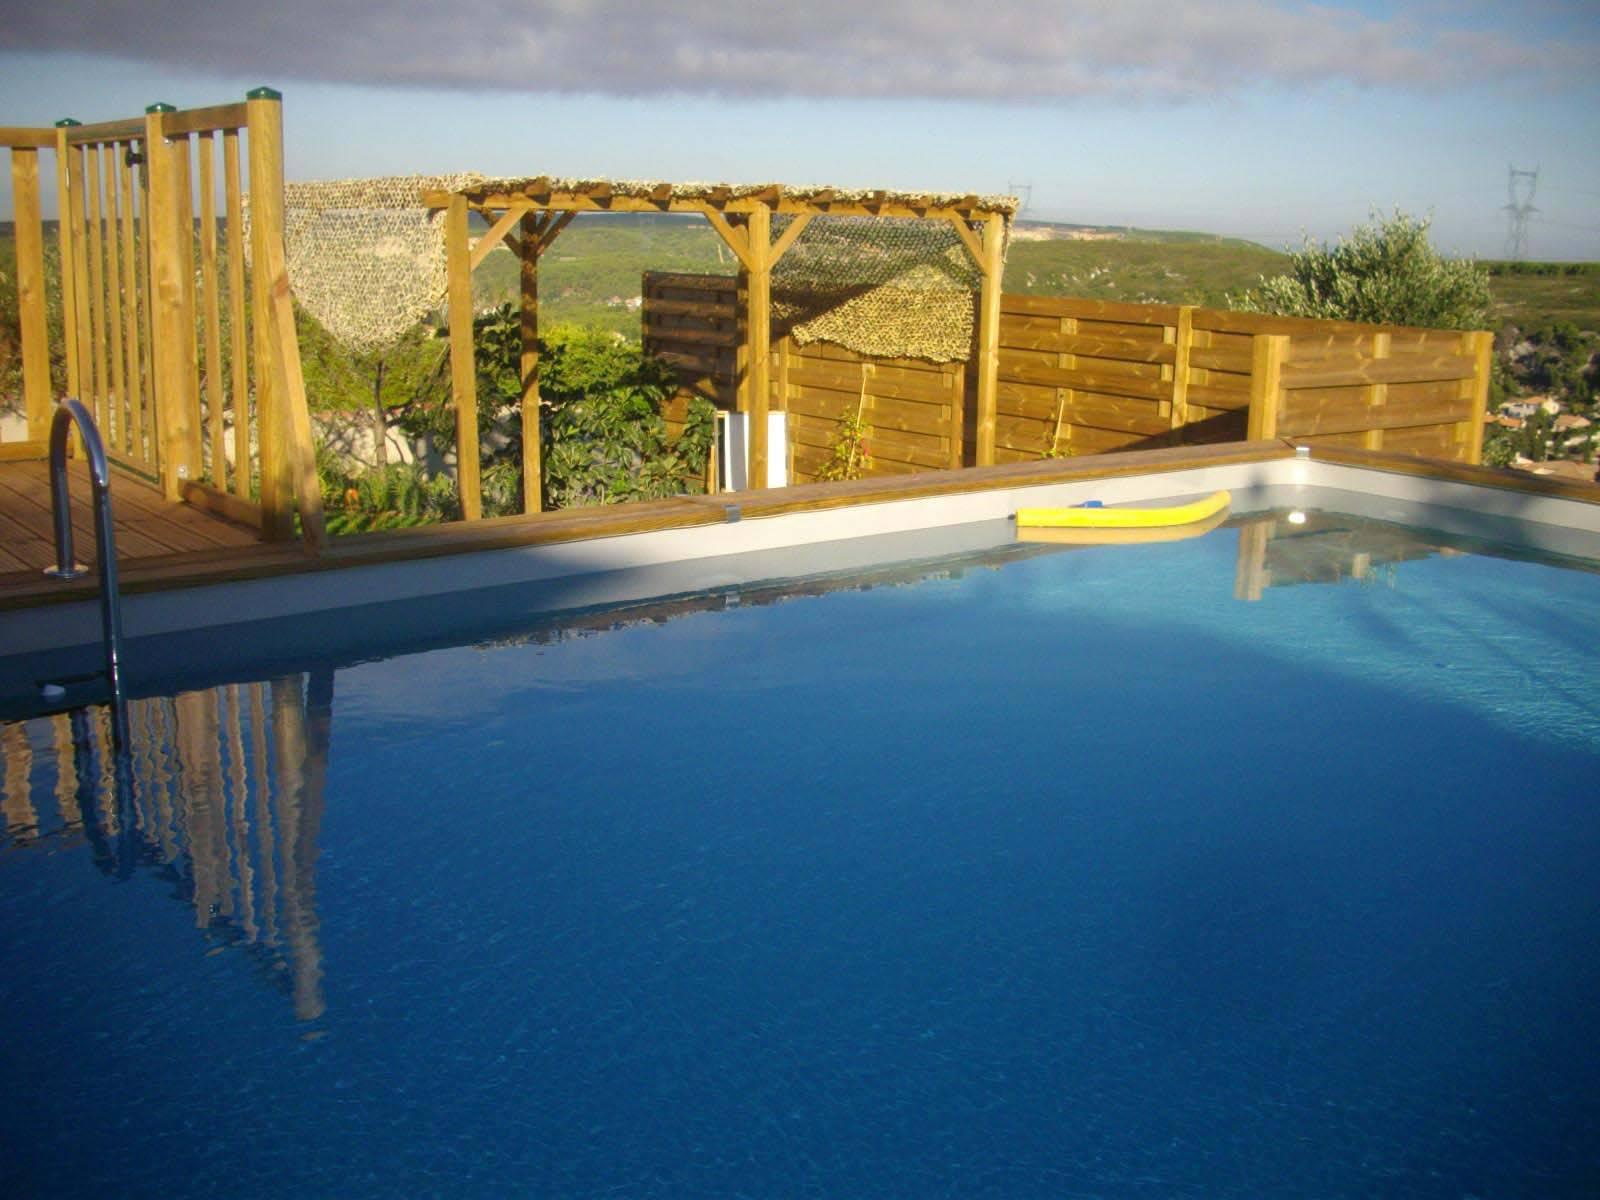 Piscine hors sol enterr e semi enterr e que choisir for Choisir une piscine hors sol